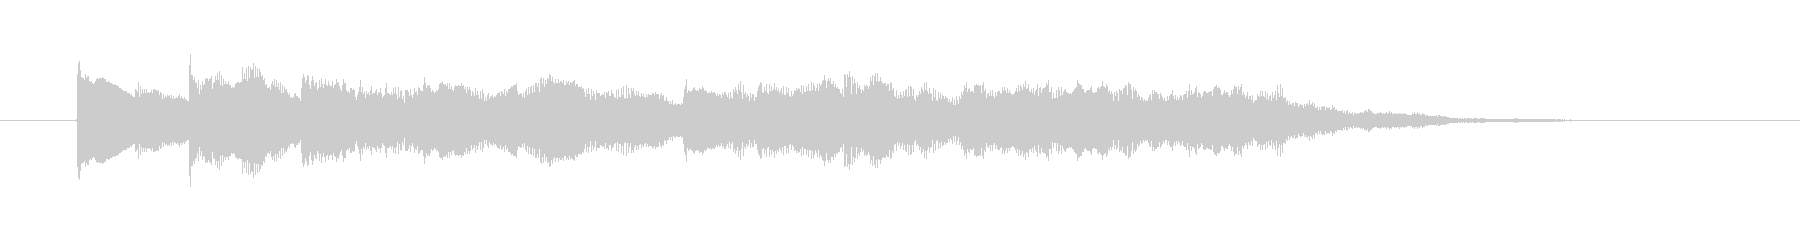 【ジングル】ピアノと弦による爽やかな曲2の未再生の波形